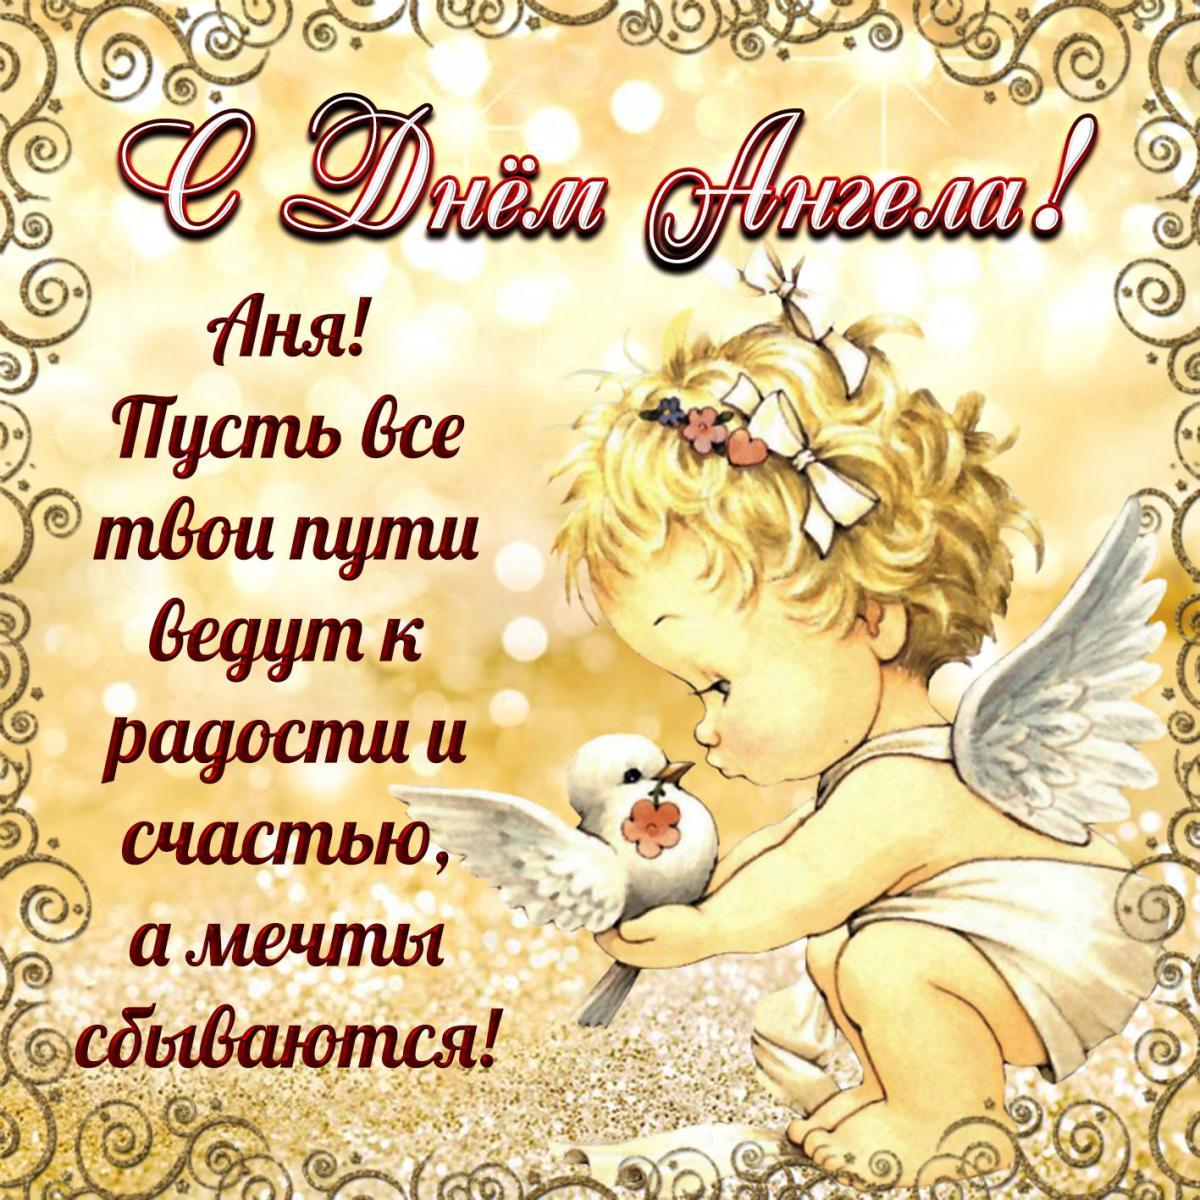 Поздравления с Днем ангела Анны / bonnycards.ru